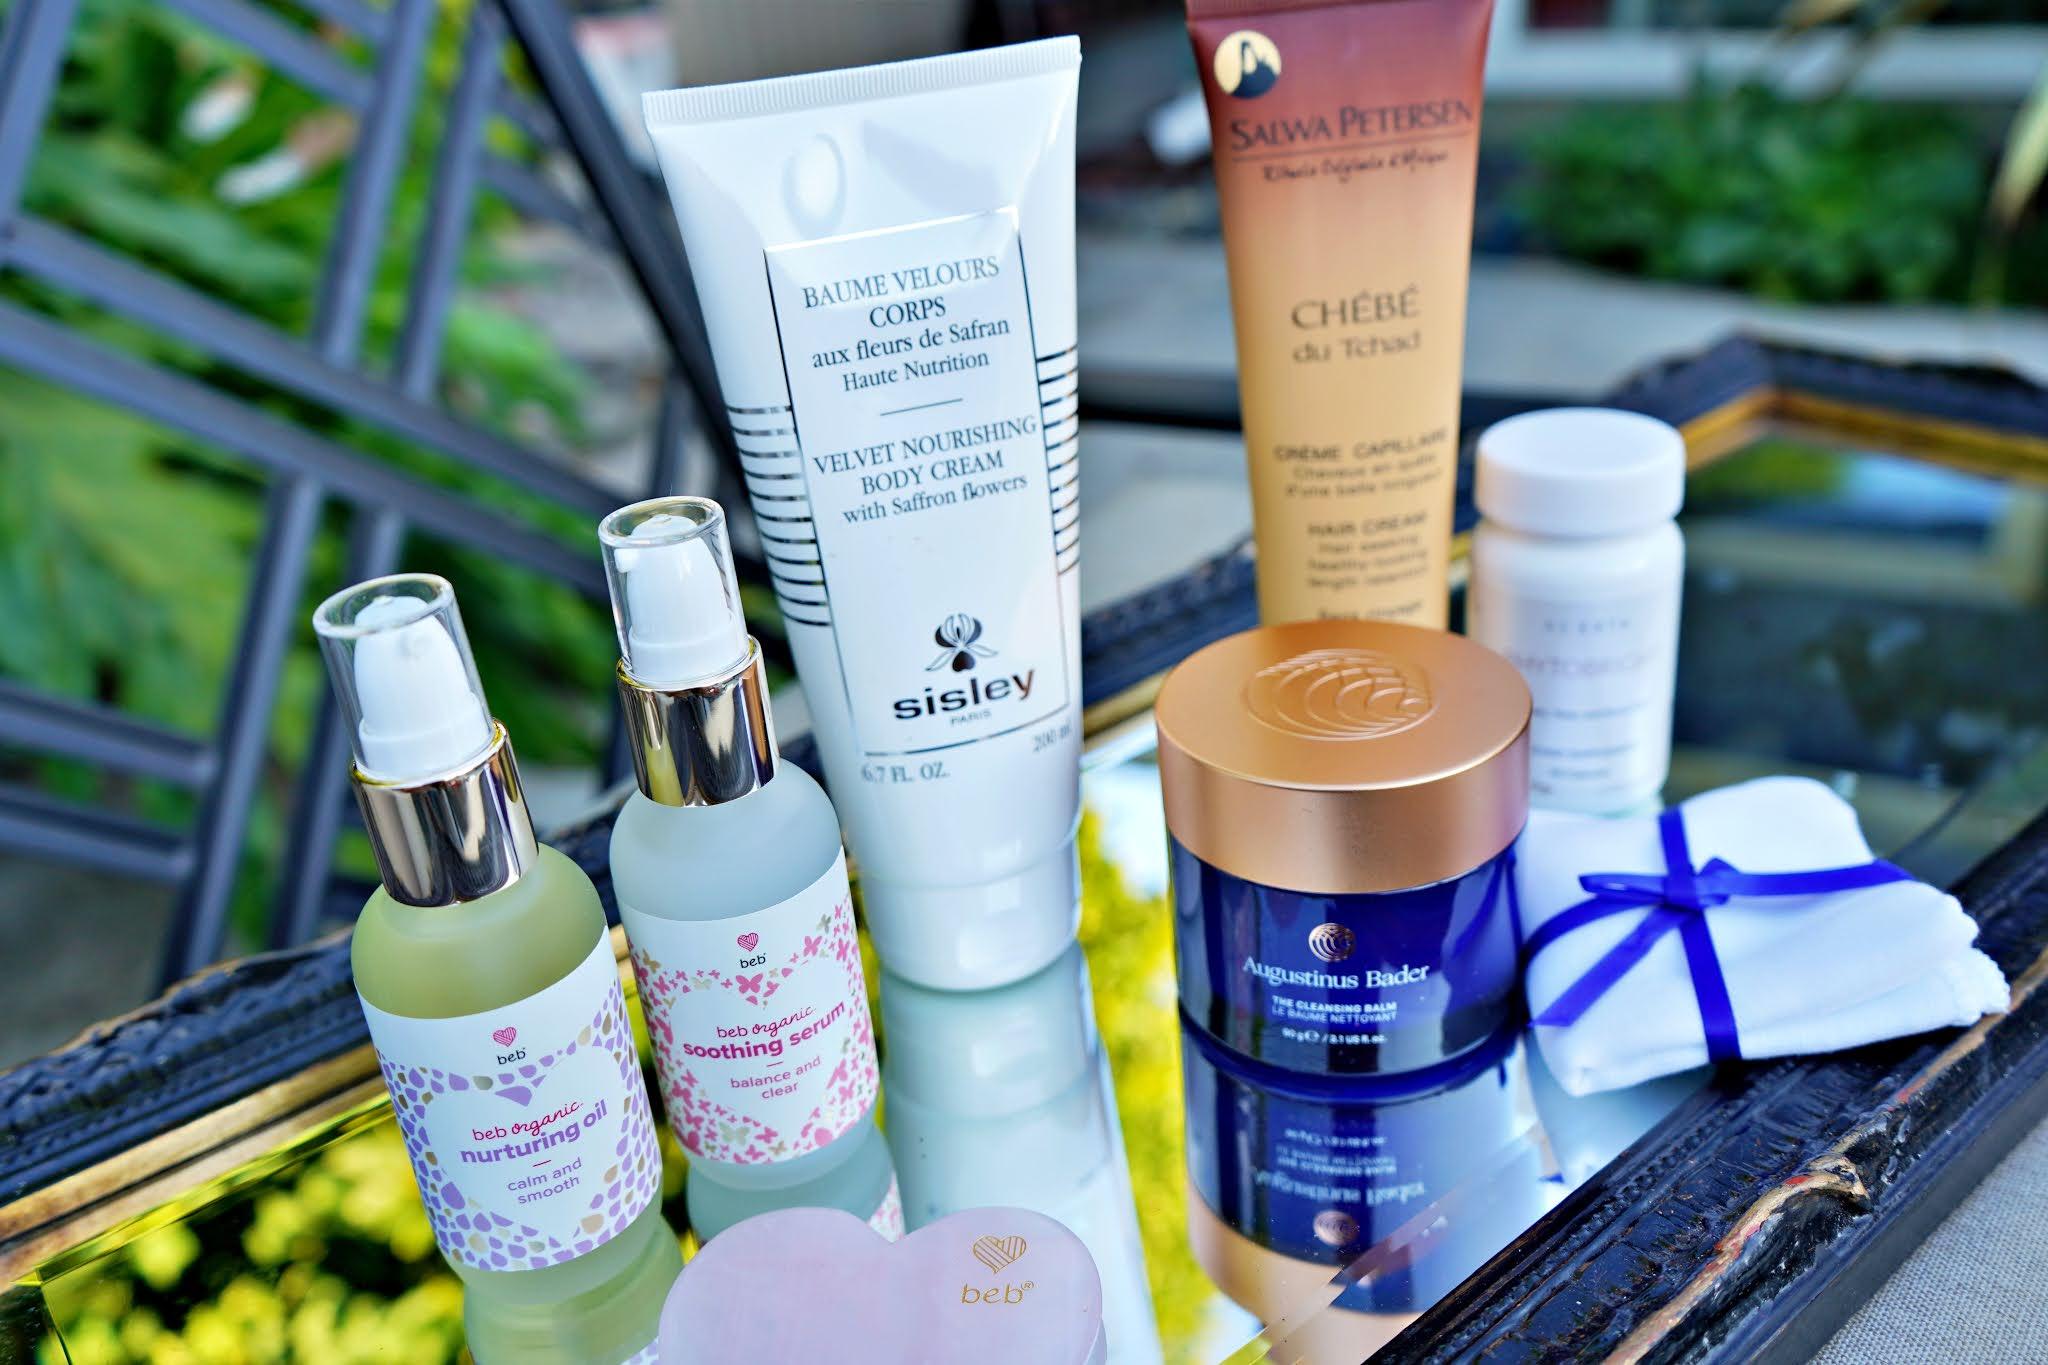 skincare for November newness